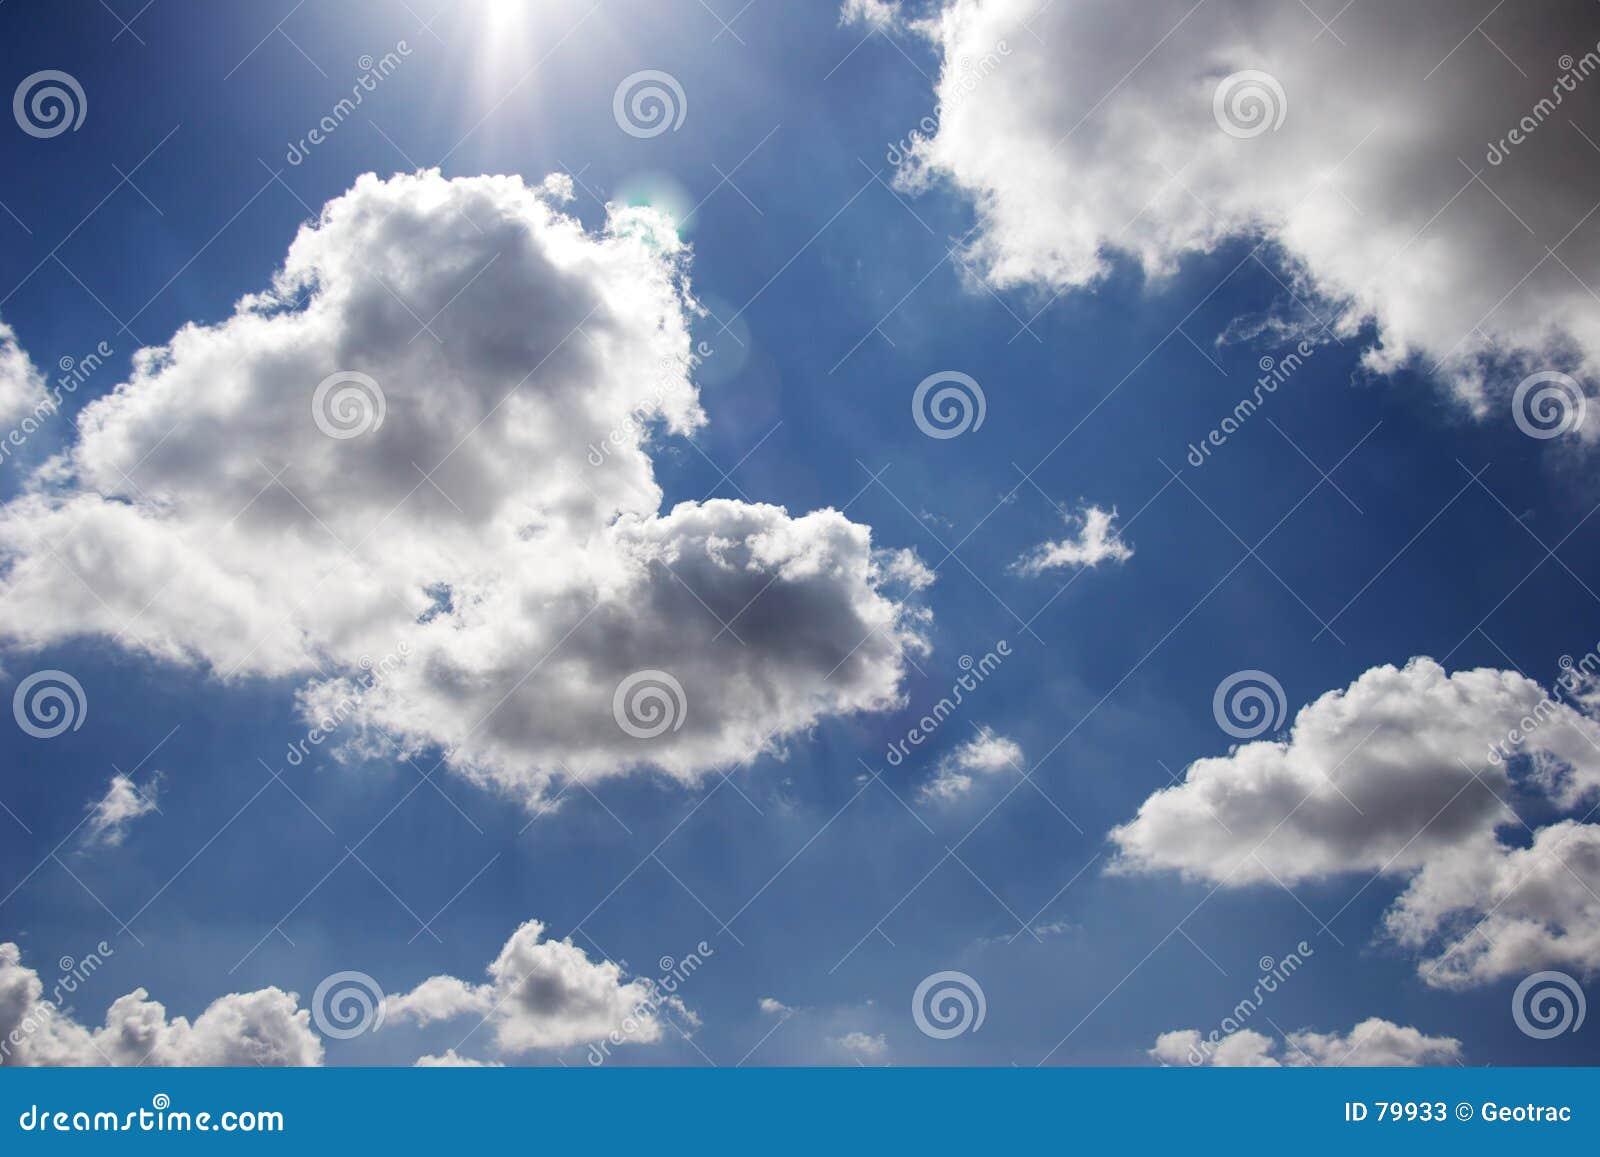 Nube mullida